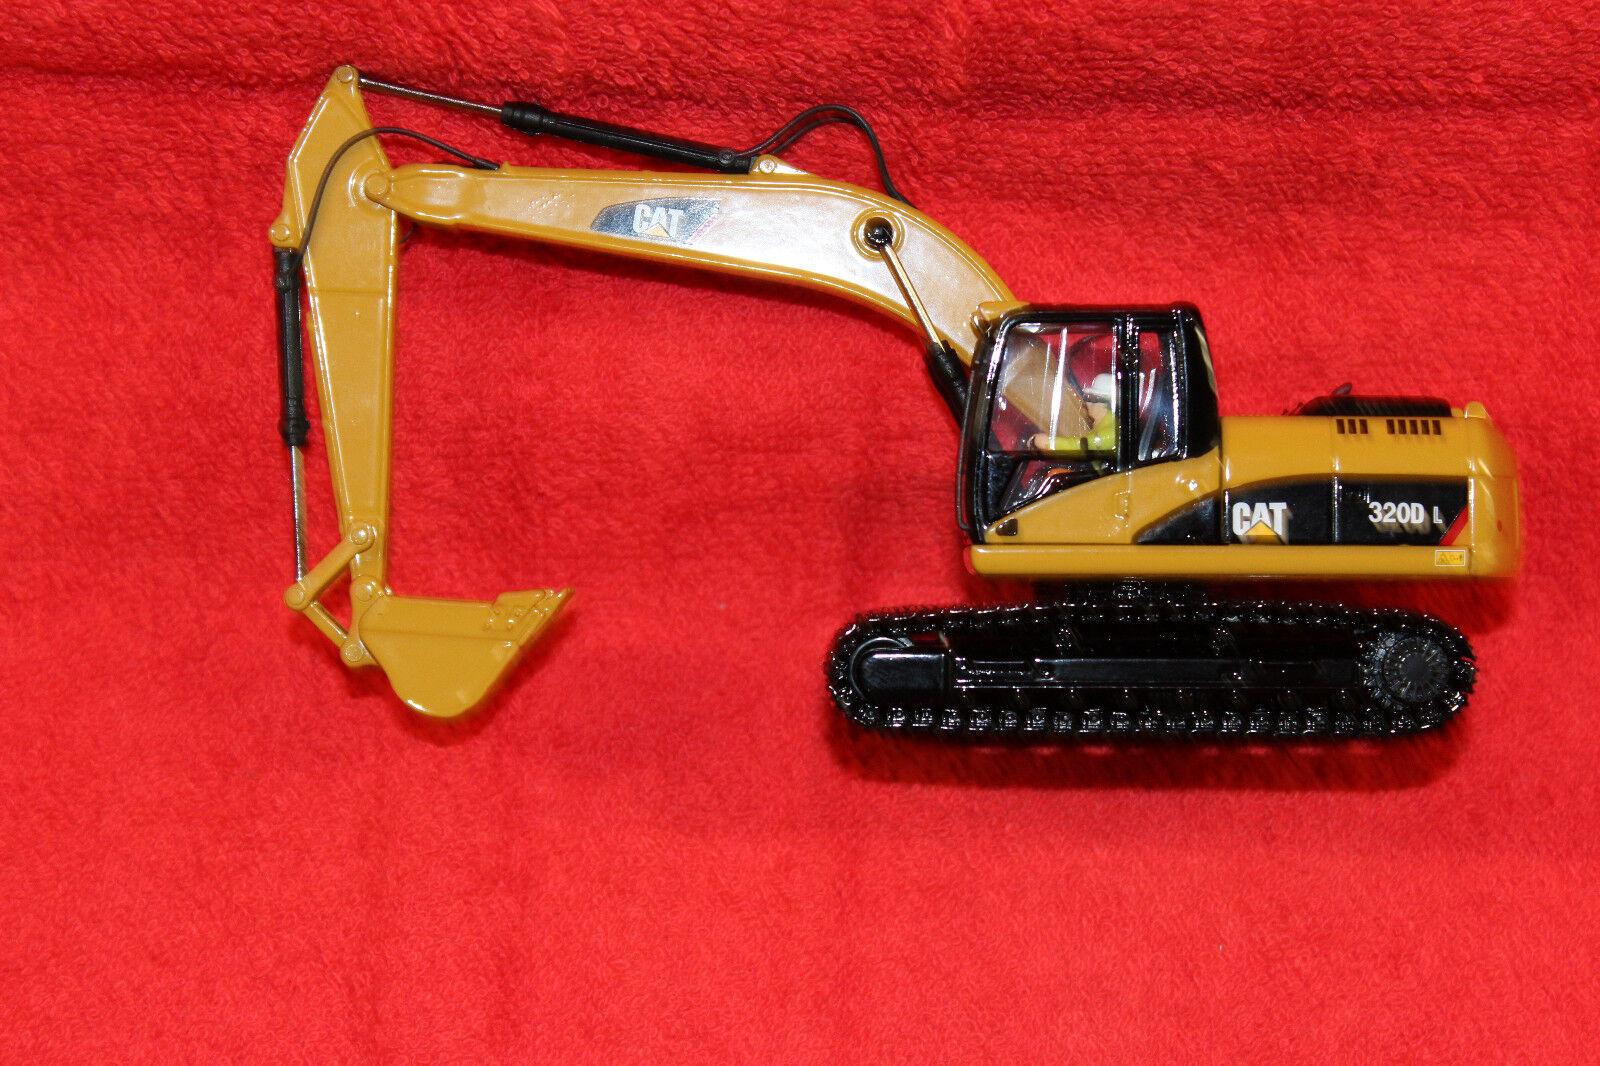 85214 Gato 320d L Hidráulico Excavadora Nuevo En Caja